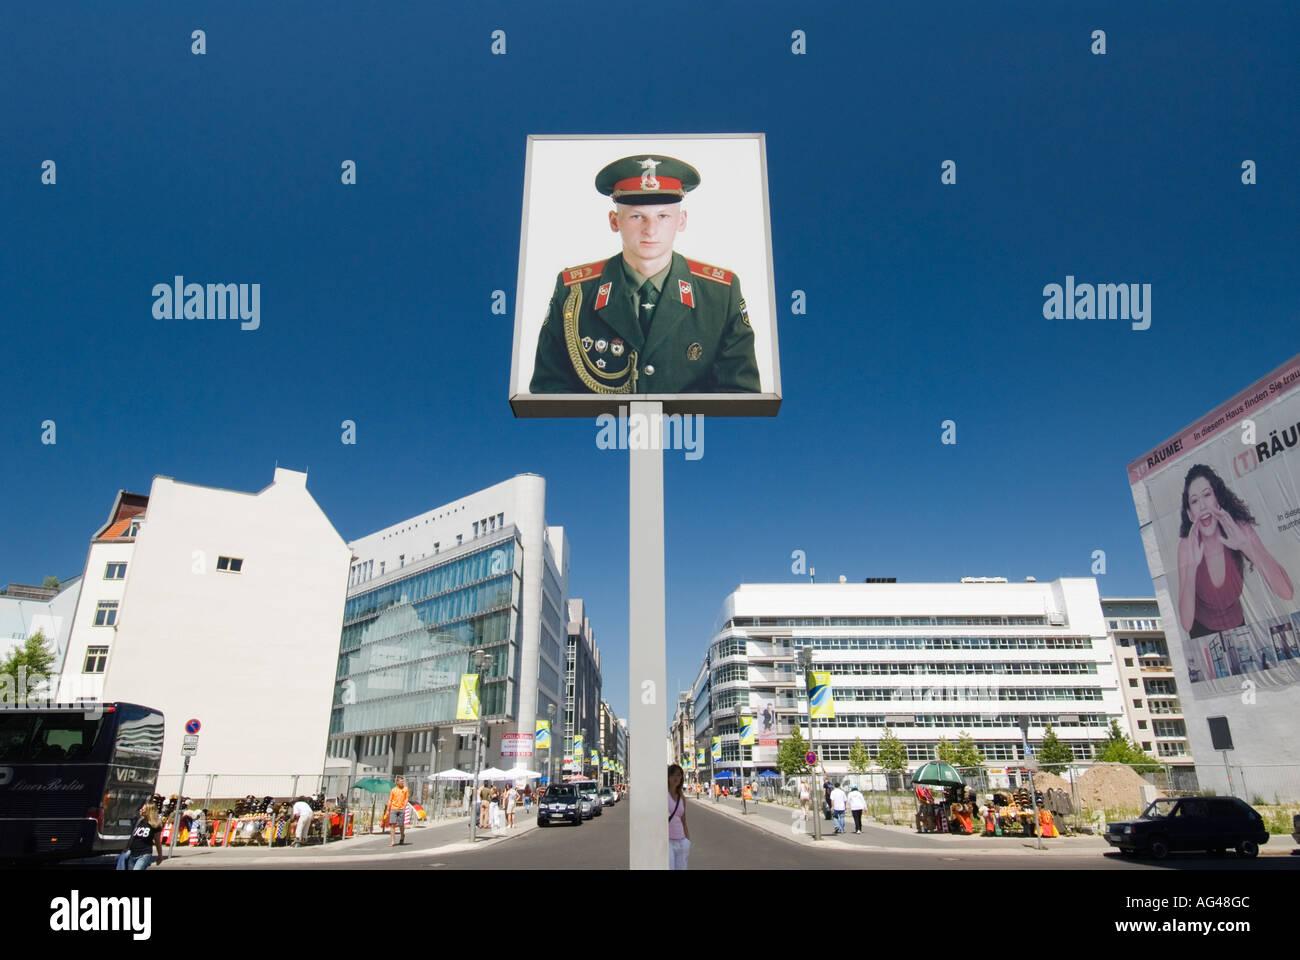 Retrato del soldado soviético en el Checkpoint Charlie berlin Imagen De Stock